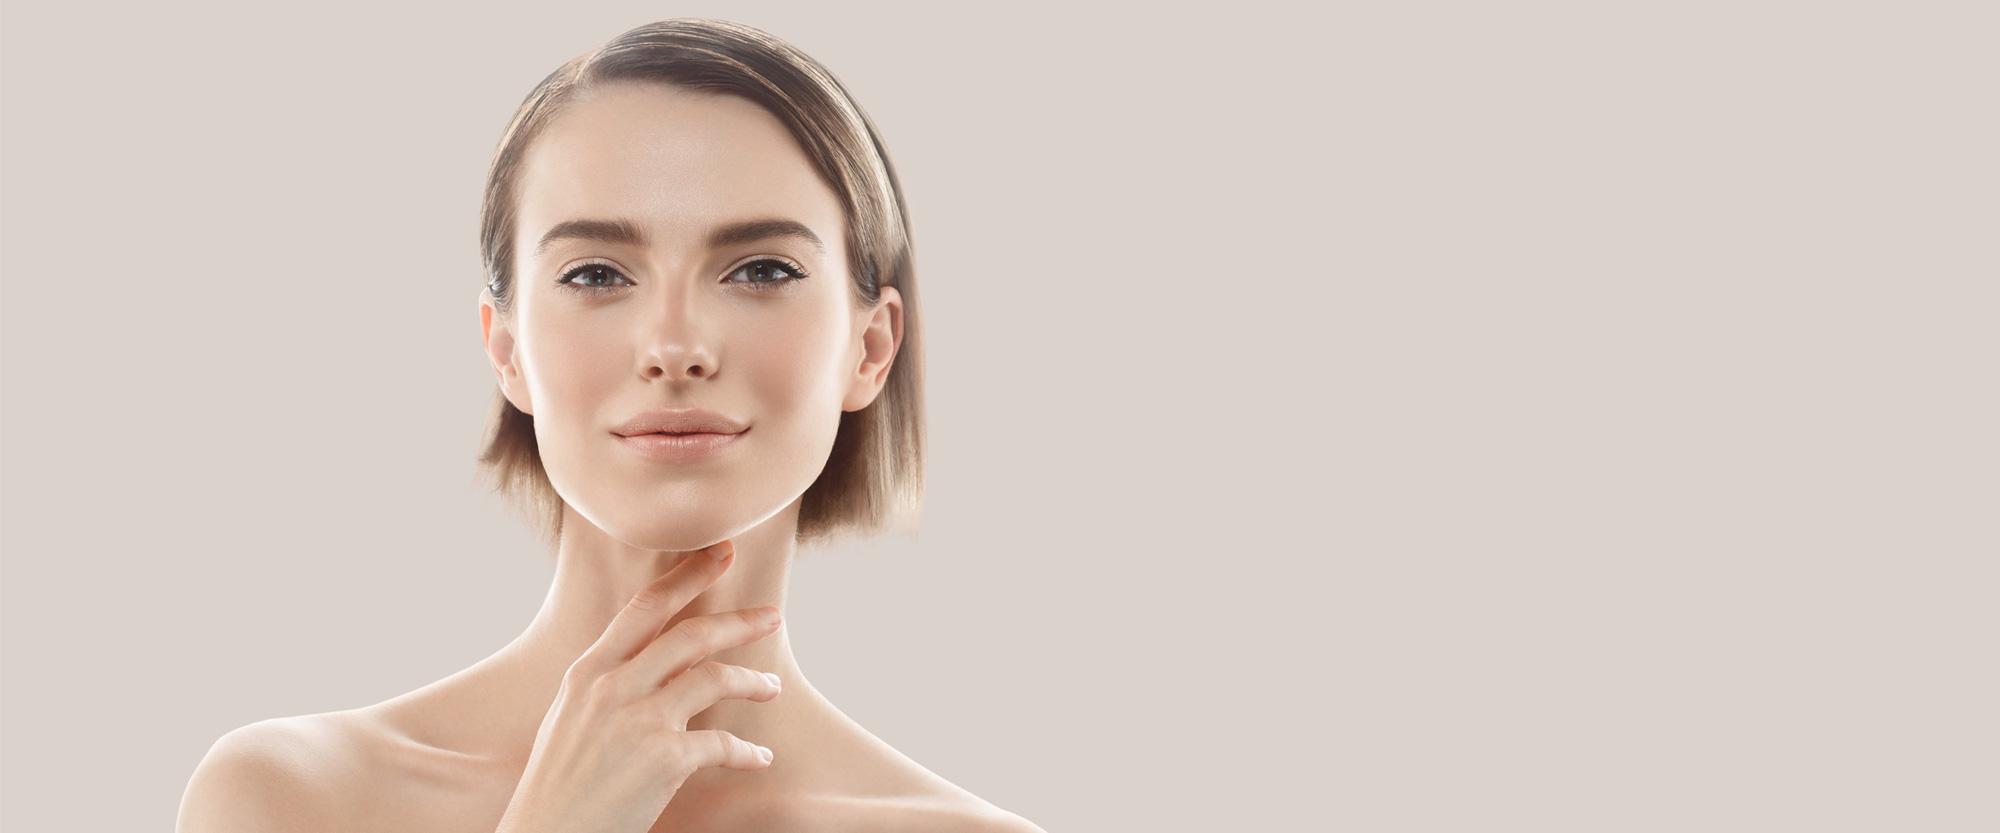 våra behandlingar på estet skönhetsklinik